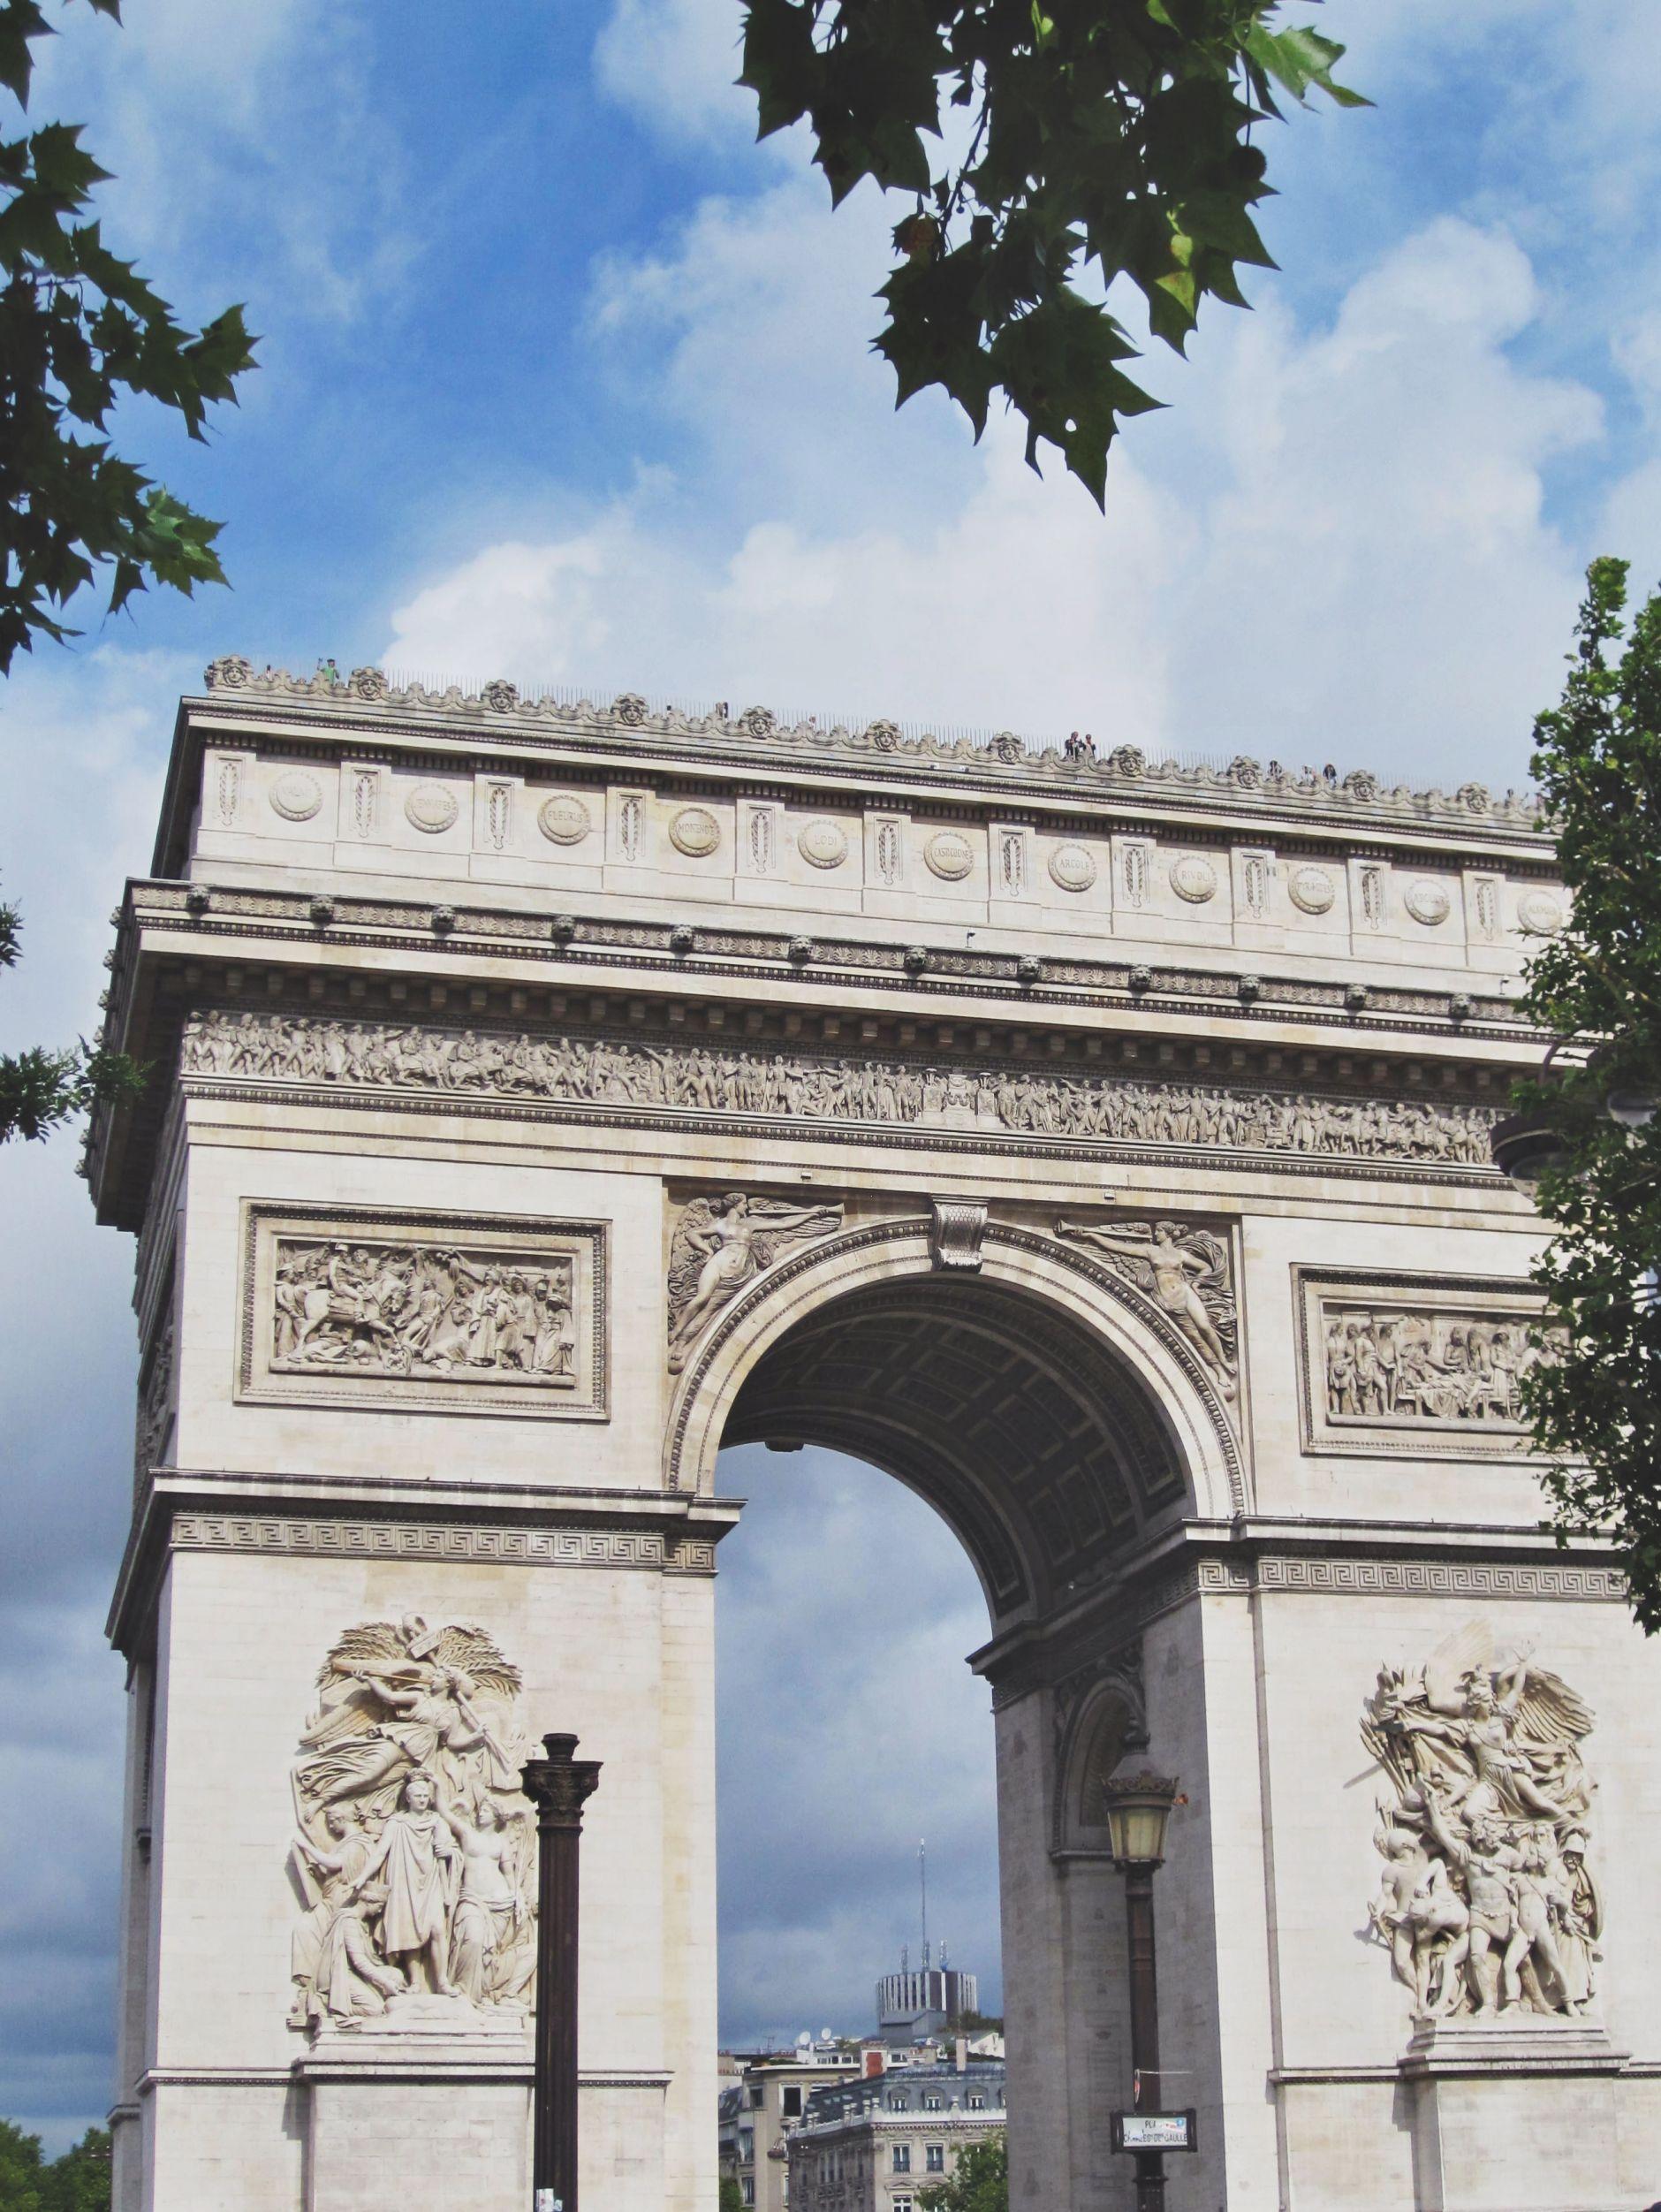 Arc-de-Triomphe-champs-elysees-paris-france-disi-couture-01